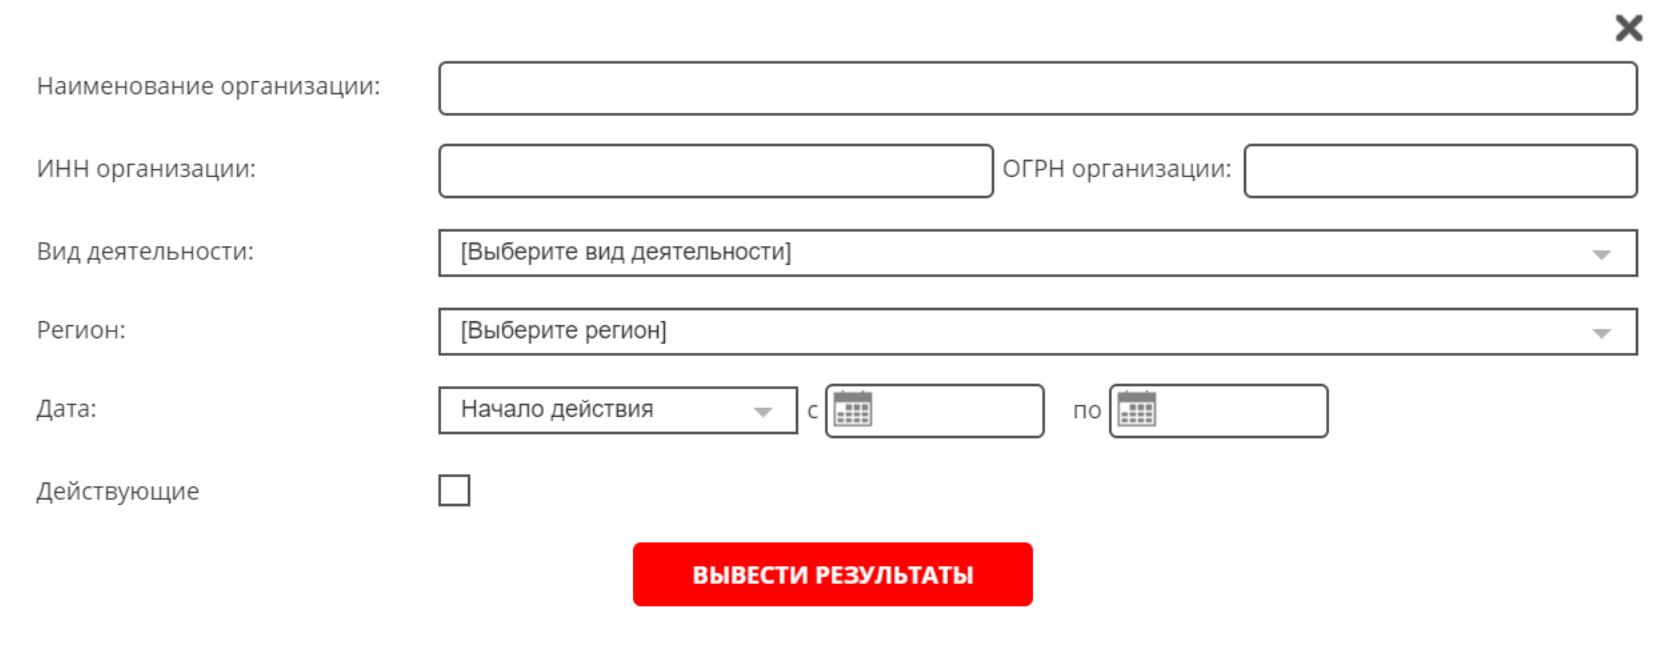 На сайте Росздравнадзора укажите в поиске название роддома и регион. Если поиск ничего не находит, введите ИНН и ОГРН роддома. Обычно они есть на сайте в разделах «О нас», «Контакты» или в «подвале». Узнать их можно и через сервис ФНС по названию роддома